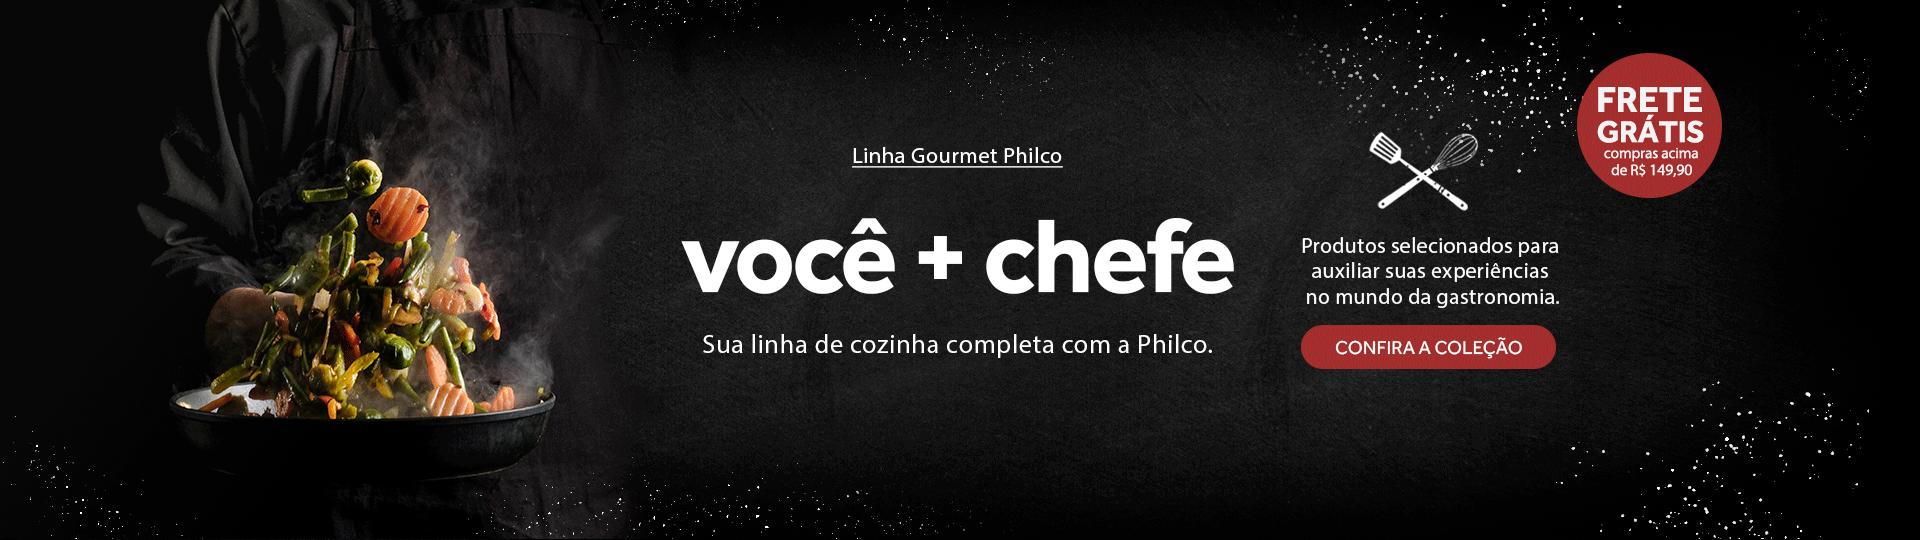 03 - VOCÊ + CHEFE